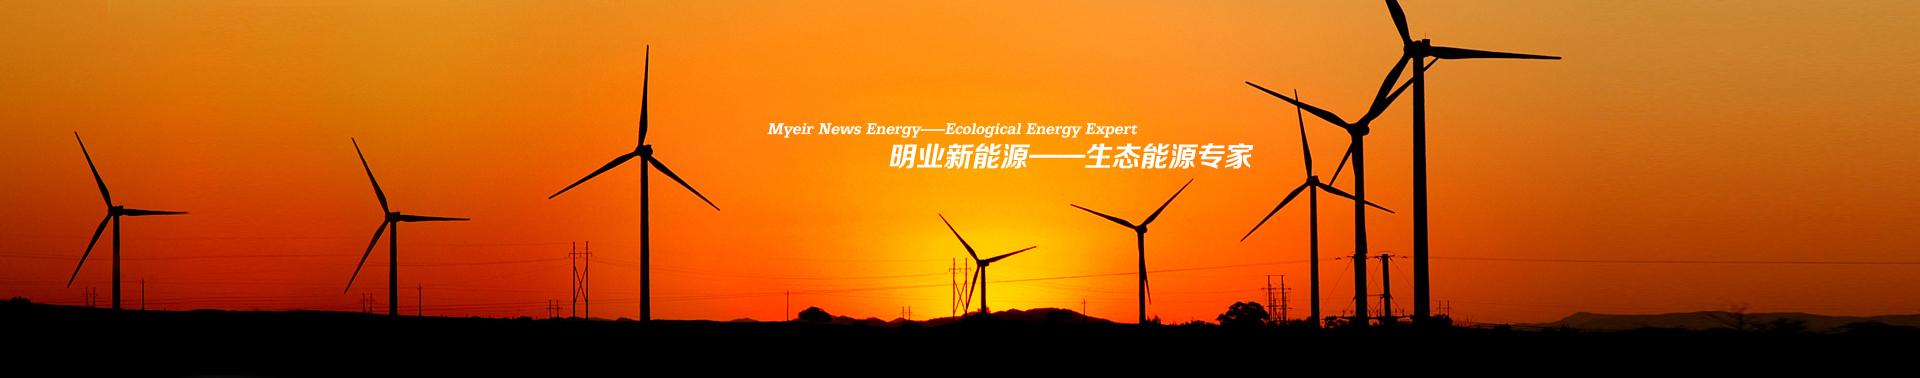 明业新能源